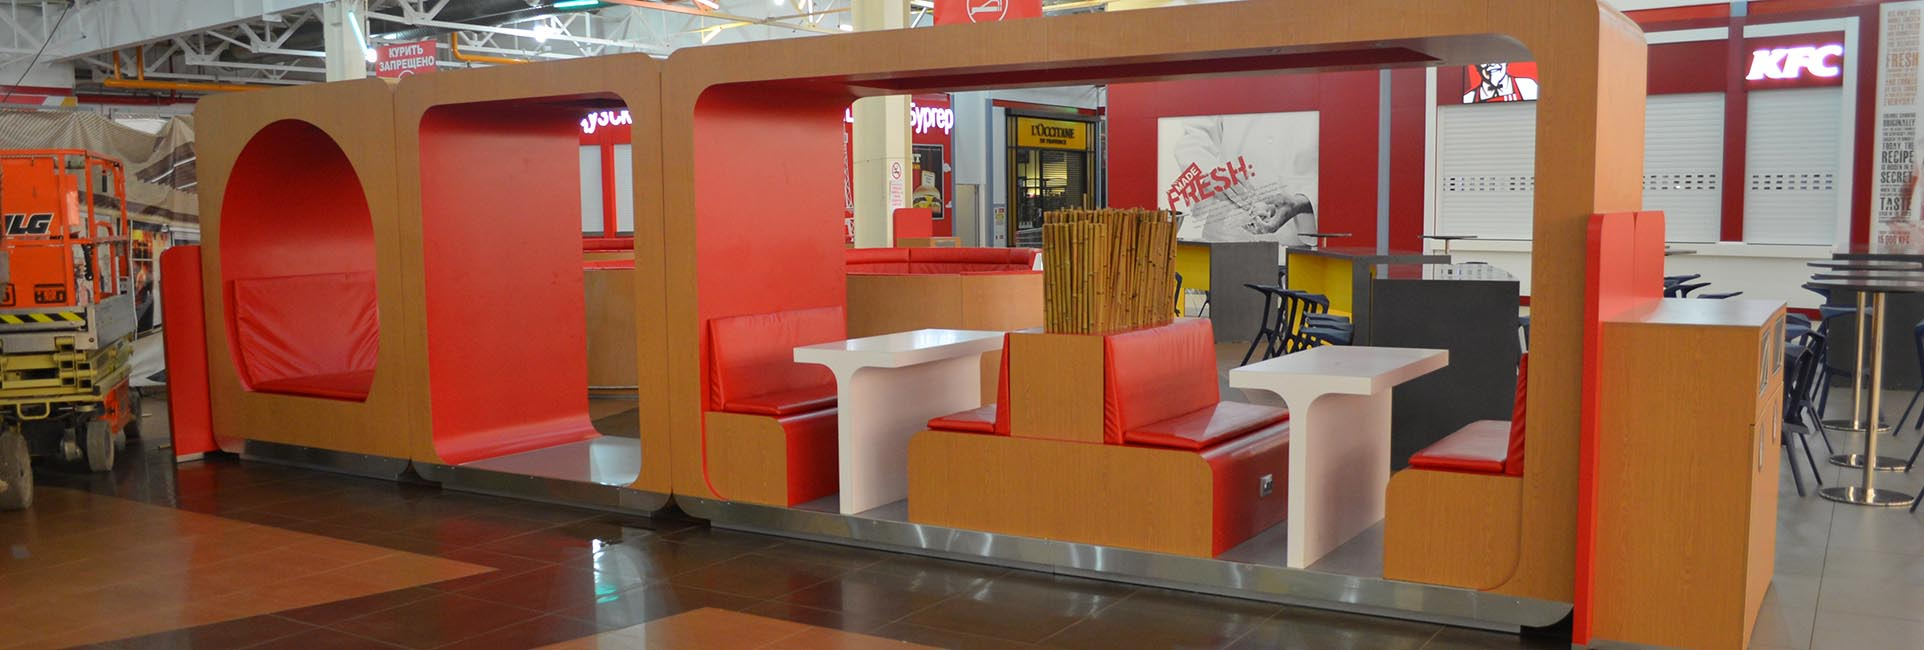 Проектируем, изготавливаем и монтируем столярные изделия для торговых центров